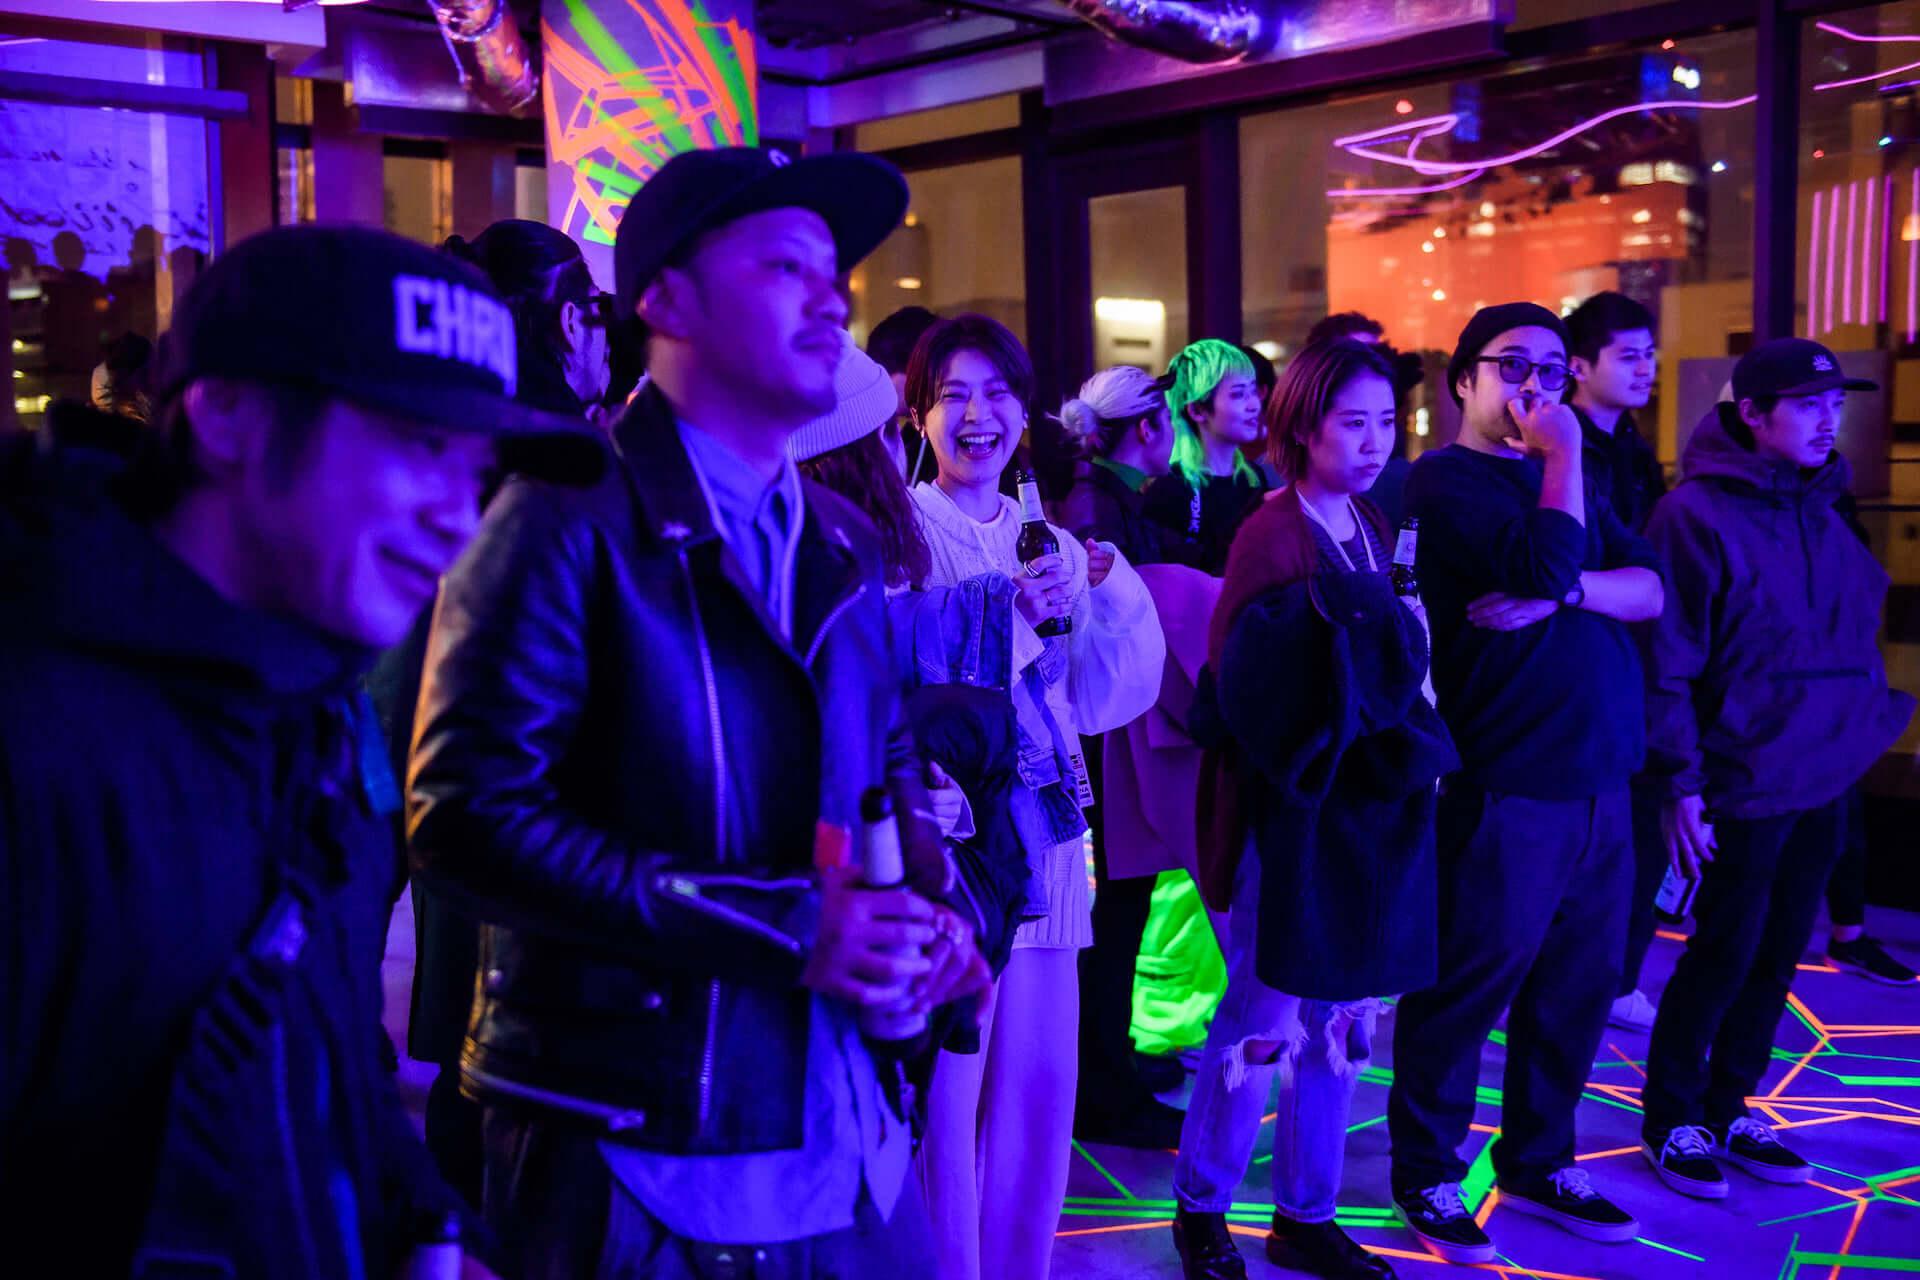 エッジィなメディア「CO:LABS」によるクリエイティブコラボパーティー<CO:LABS LIVE>に潜入! music-colabslive-5402-1920x1280